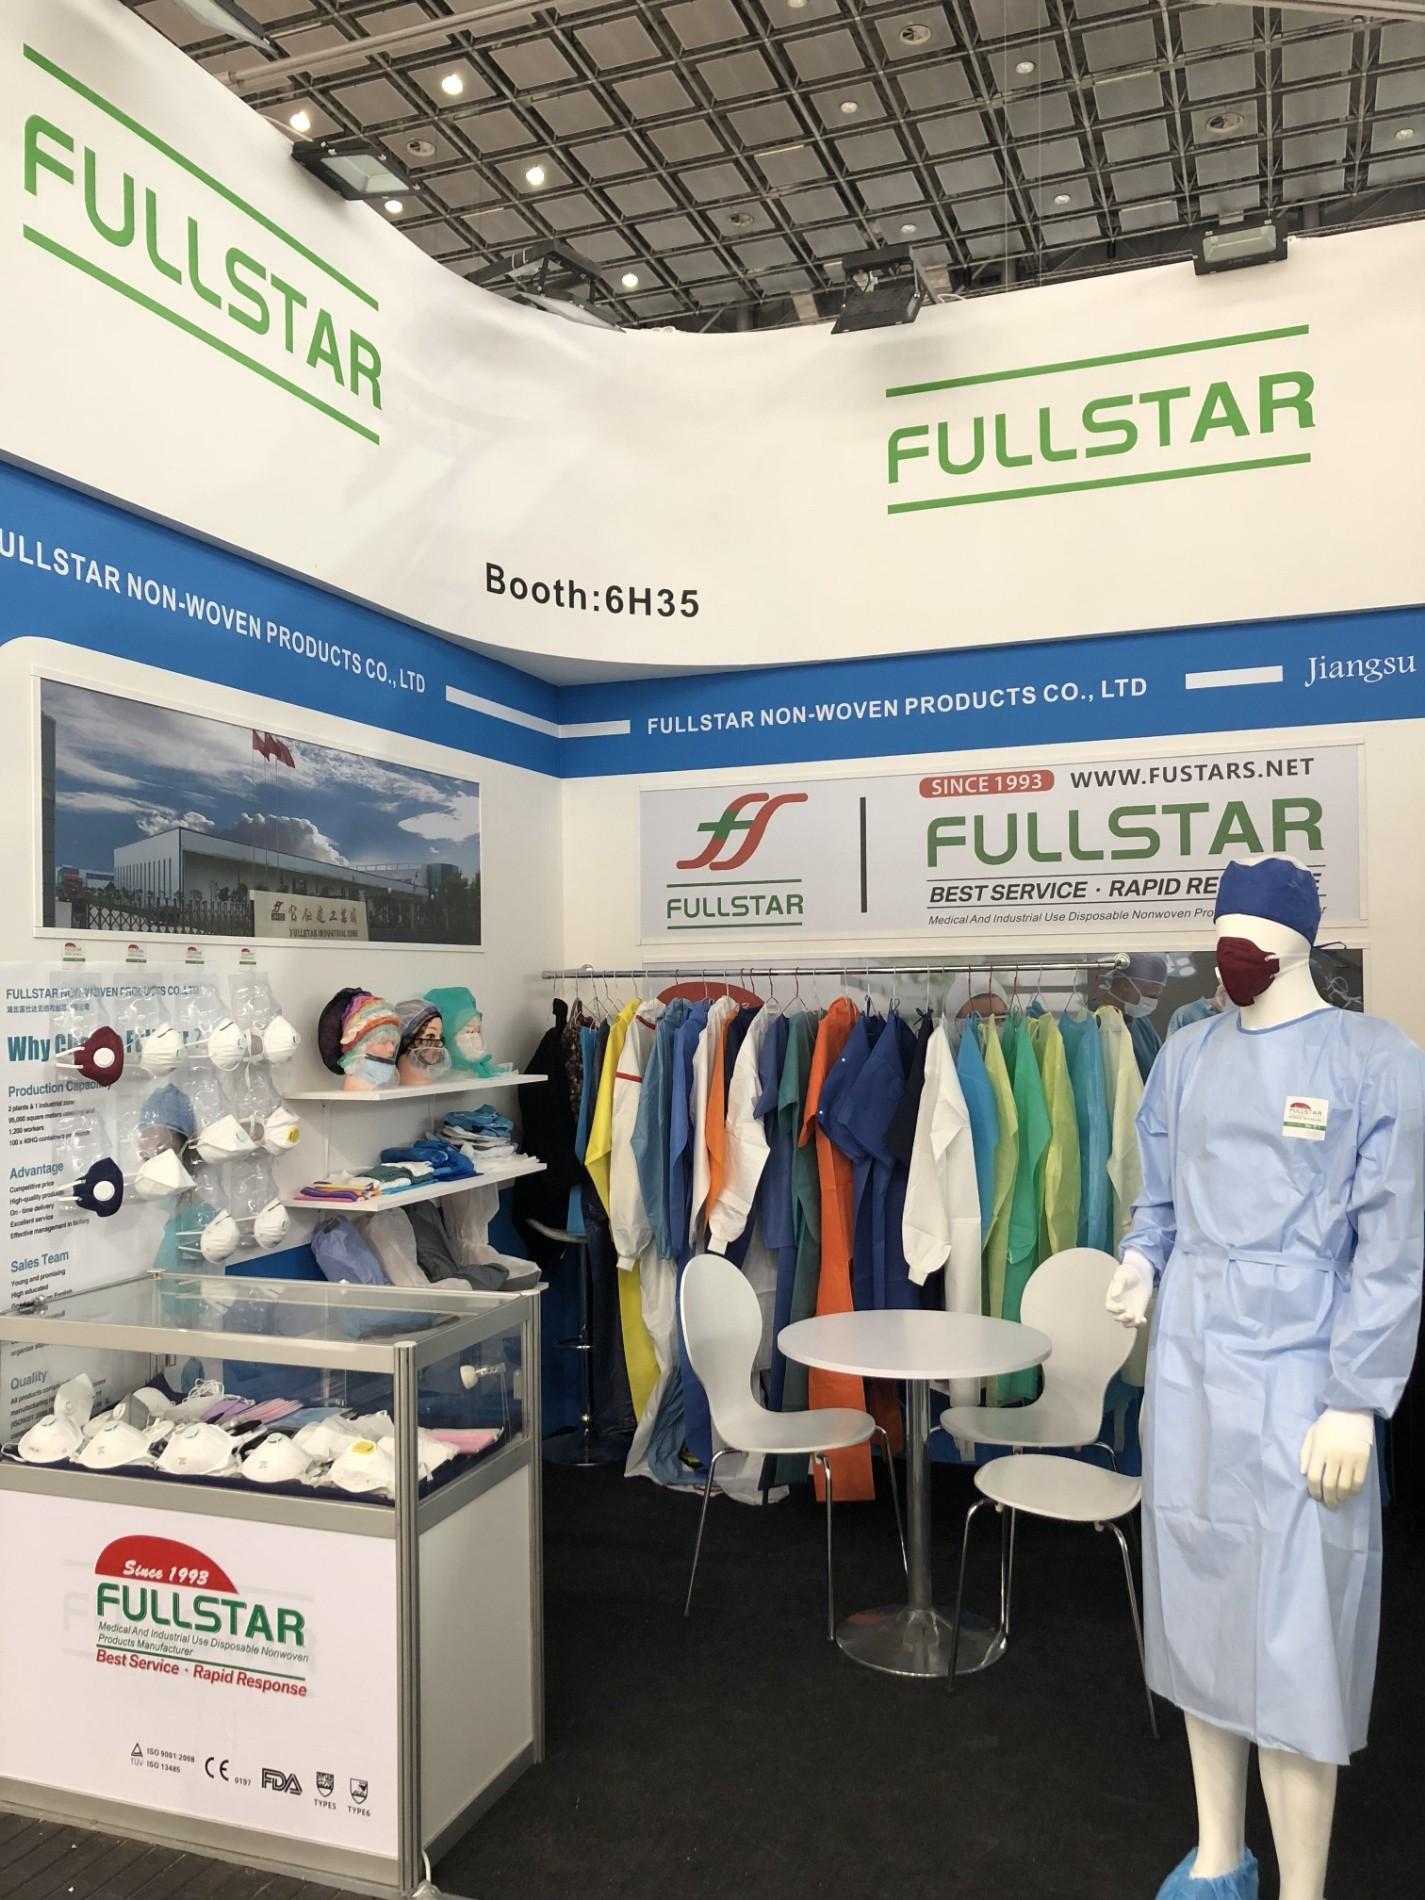 2018 Medica Fullstar booth